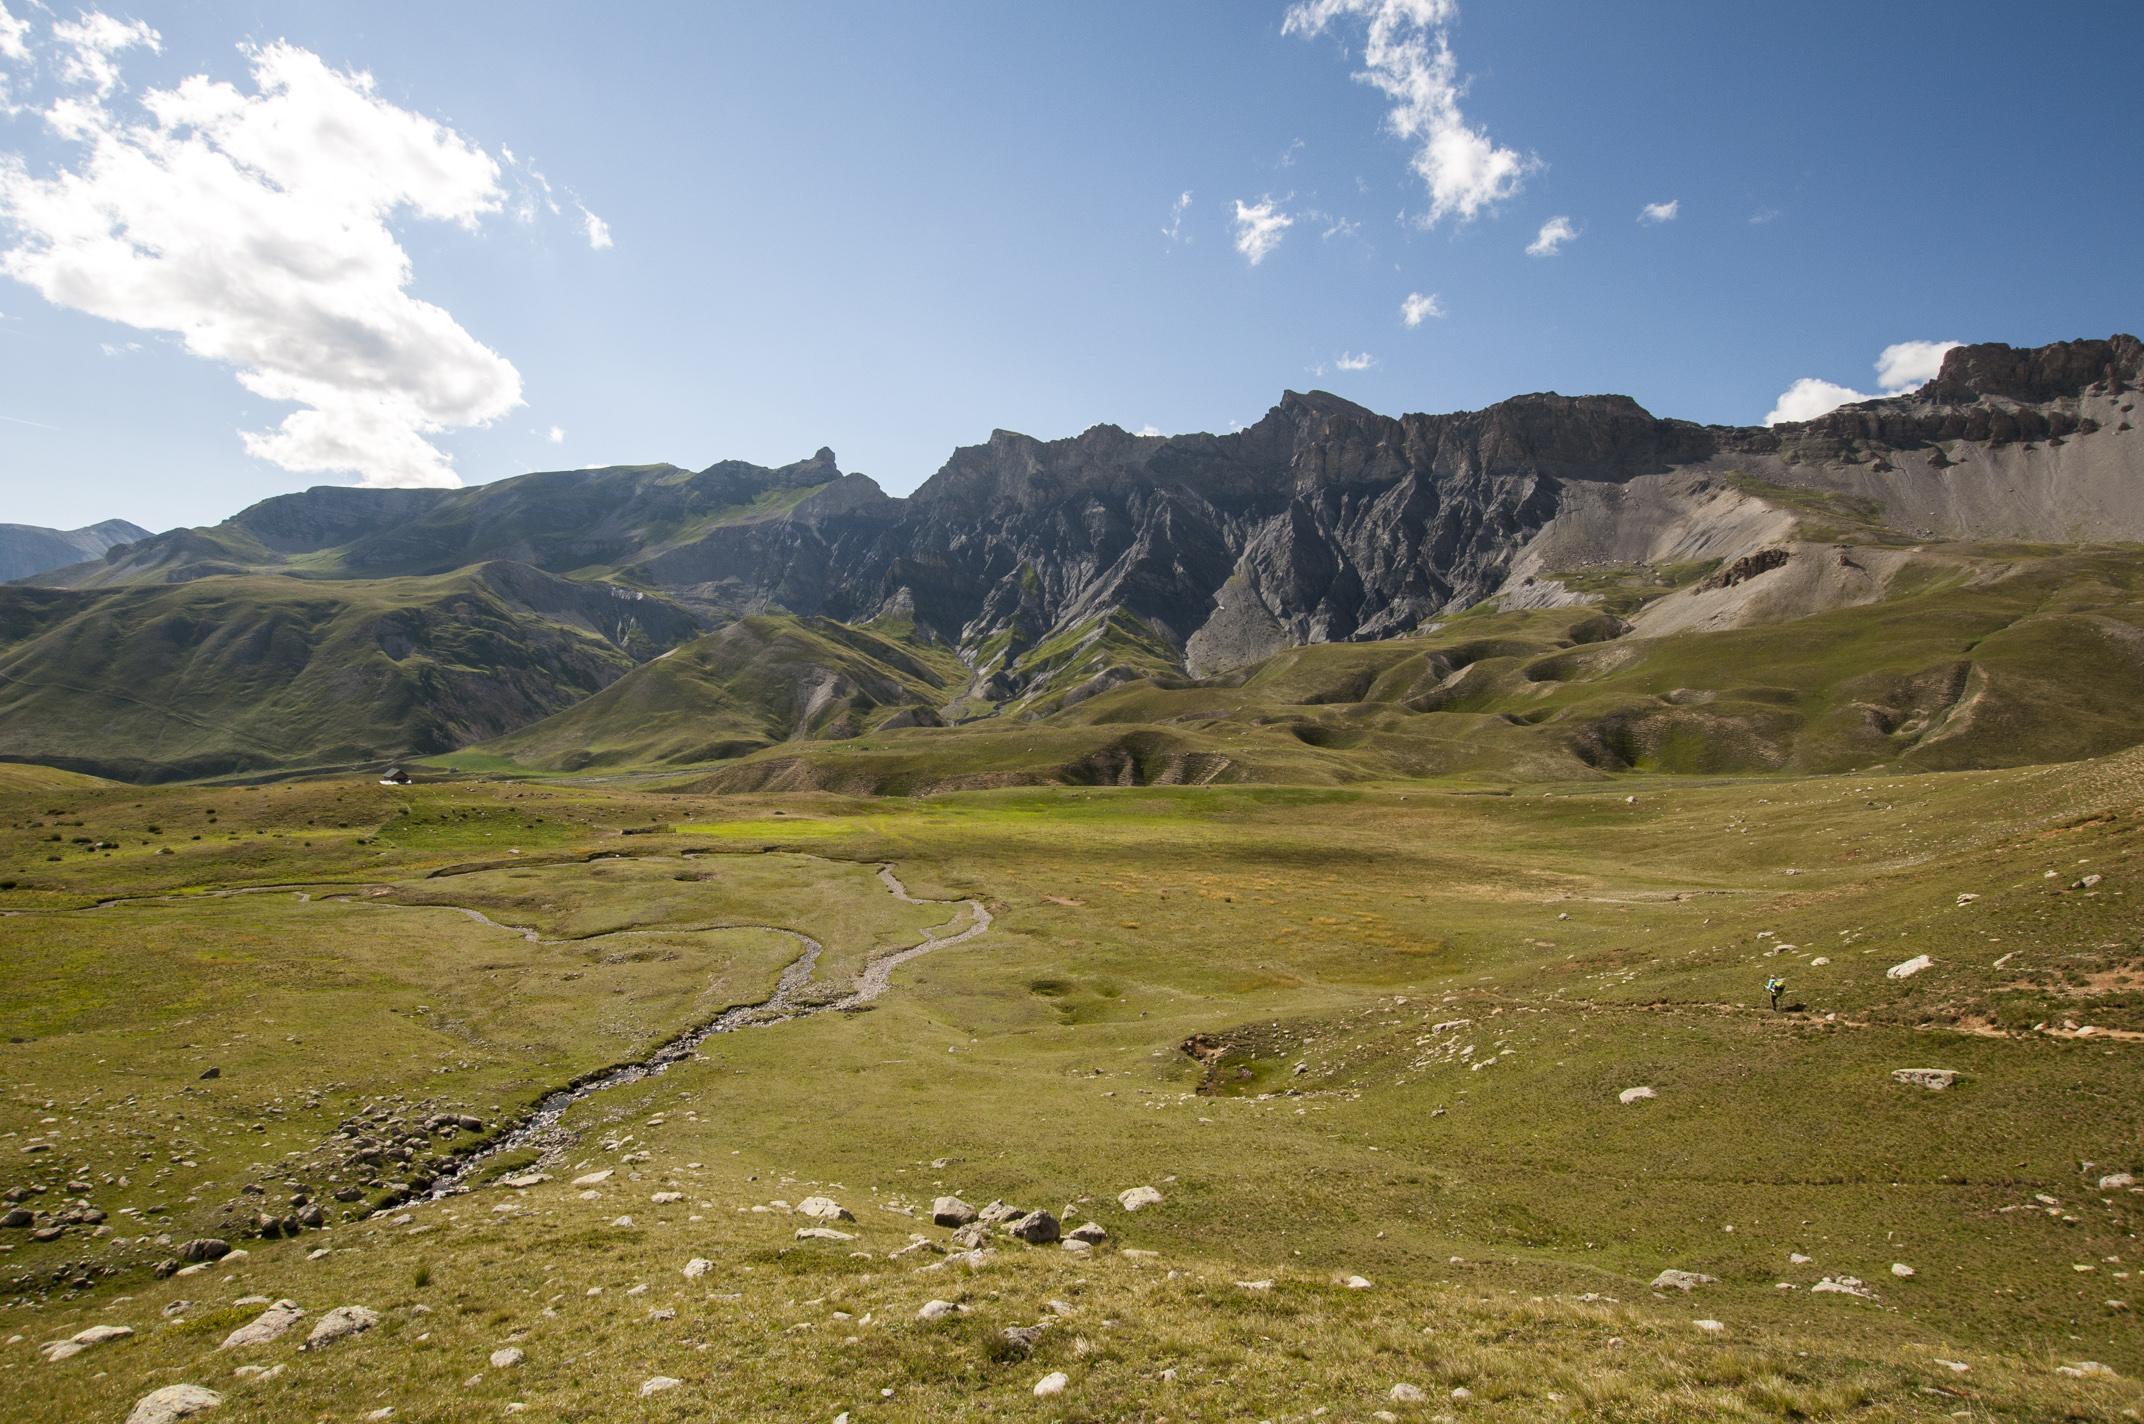 Vue sur le vallon Salso Moreno